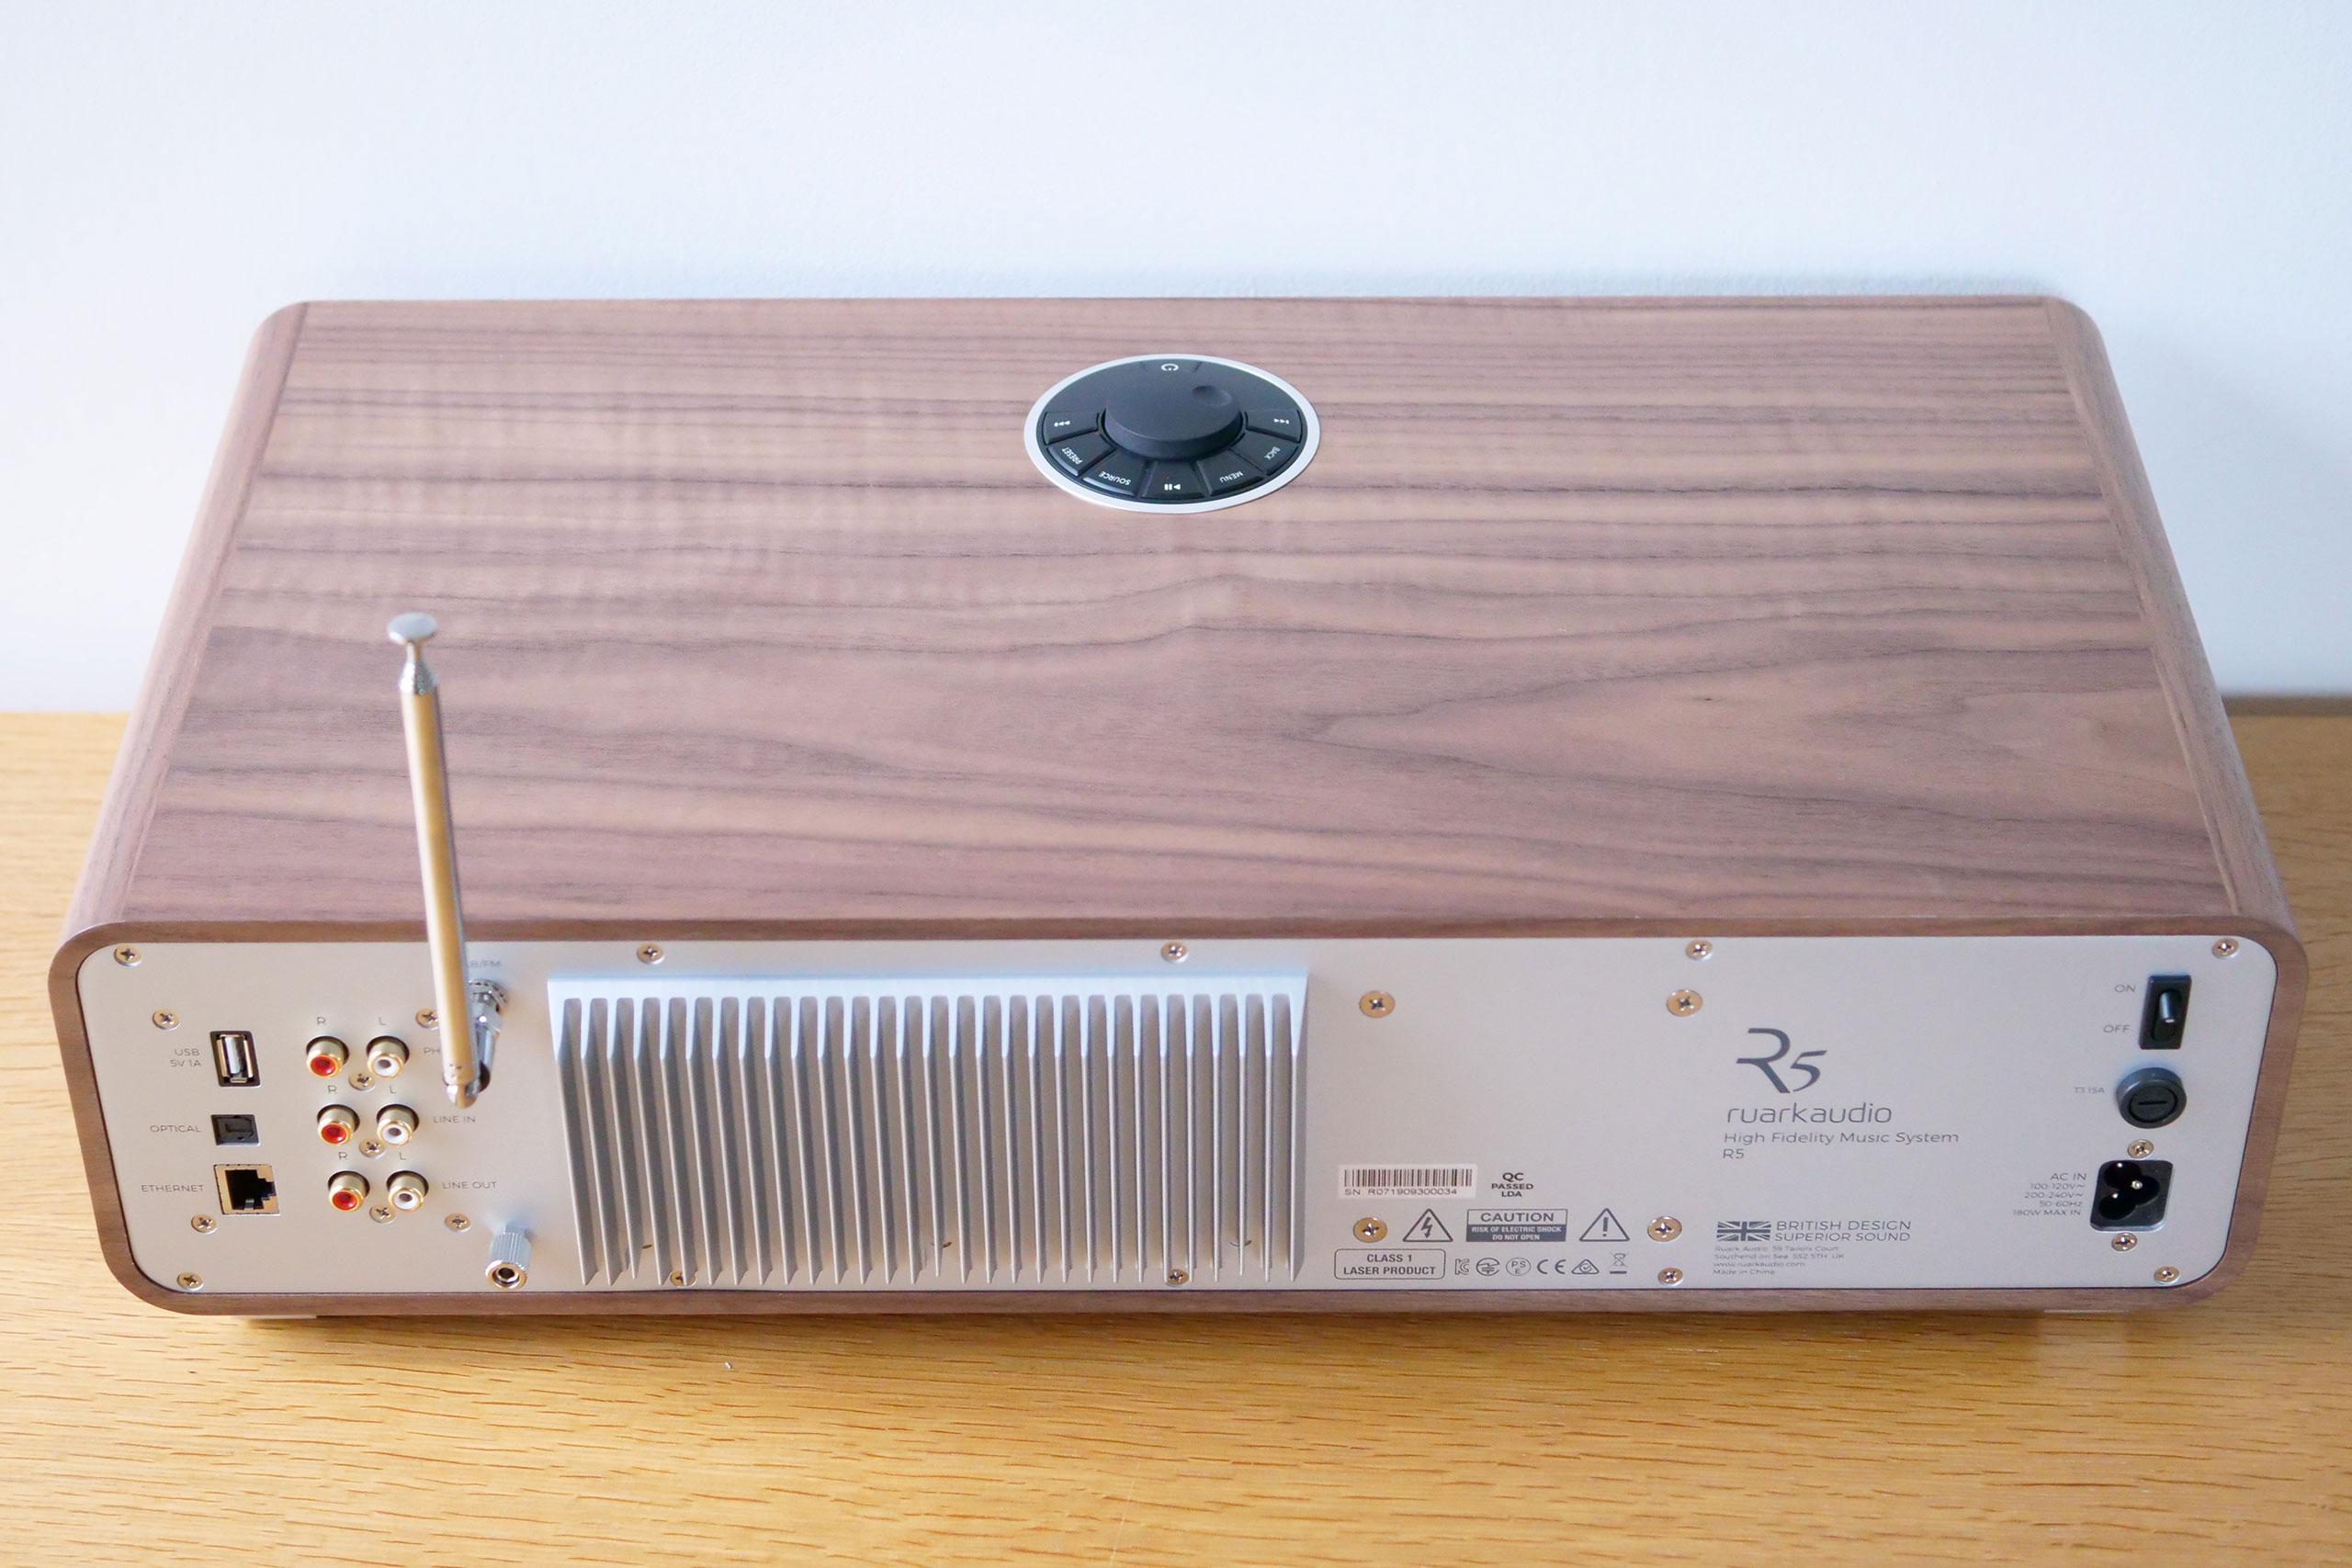 Sur la face arrière, les prises sont situées à gauche, le radiateur de l'amplificateur de classe AB interne au centre et le commutateur marche/arrête à droite.